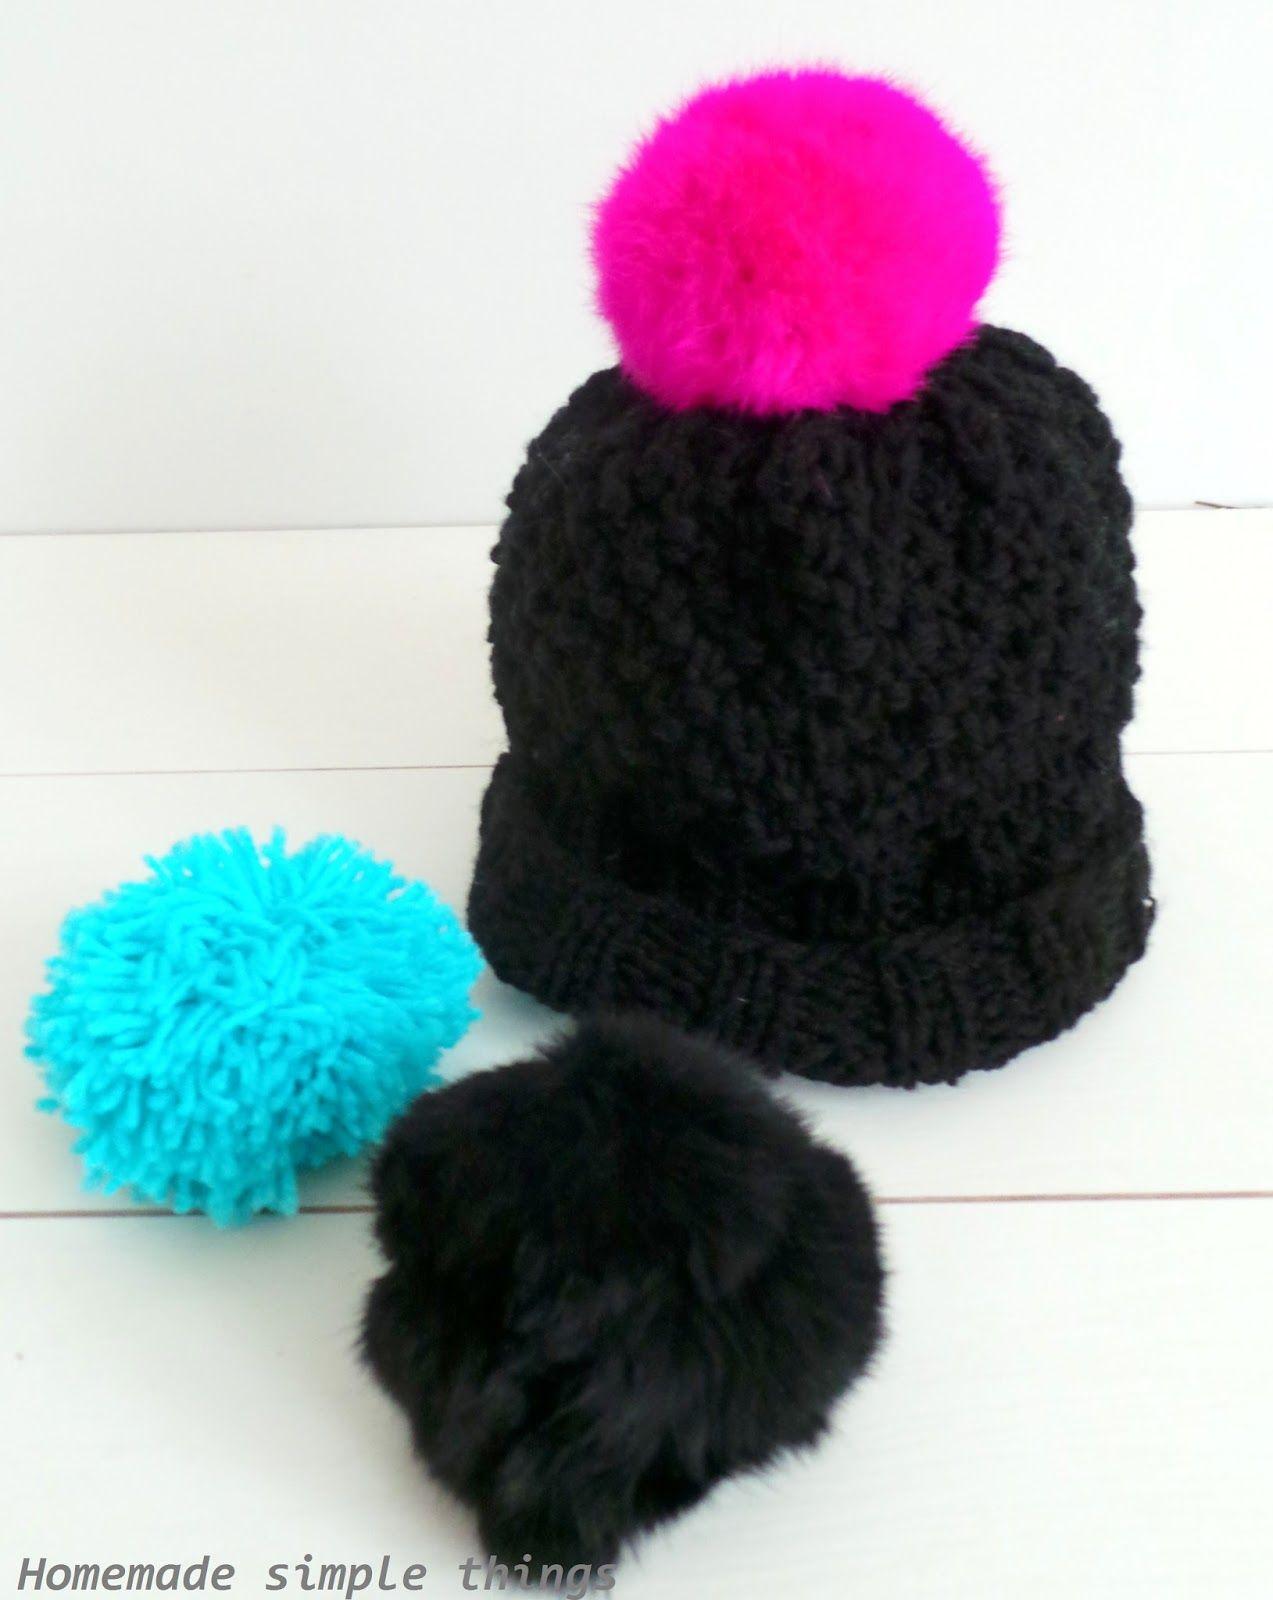 vente en magasin 2019 meilleurs la qualité d'abord Voici un modèle que j'adore : un bonnet avec des pompons ...